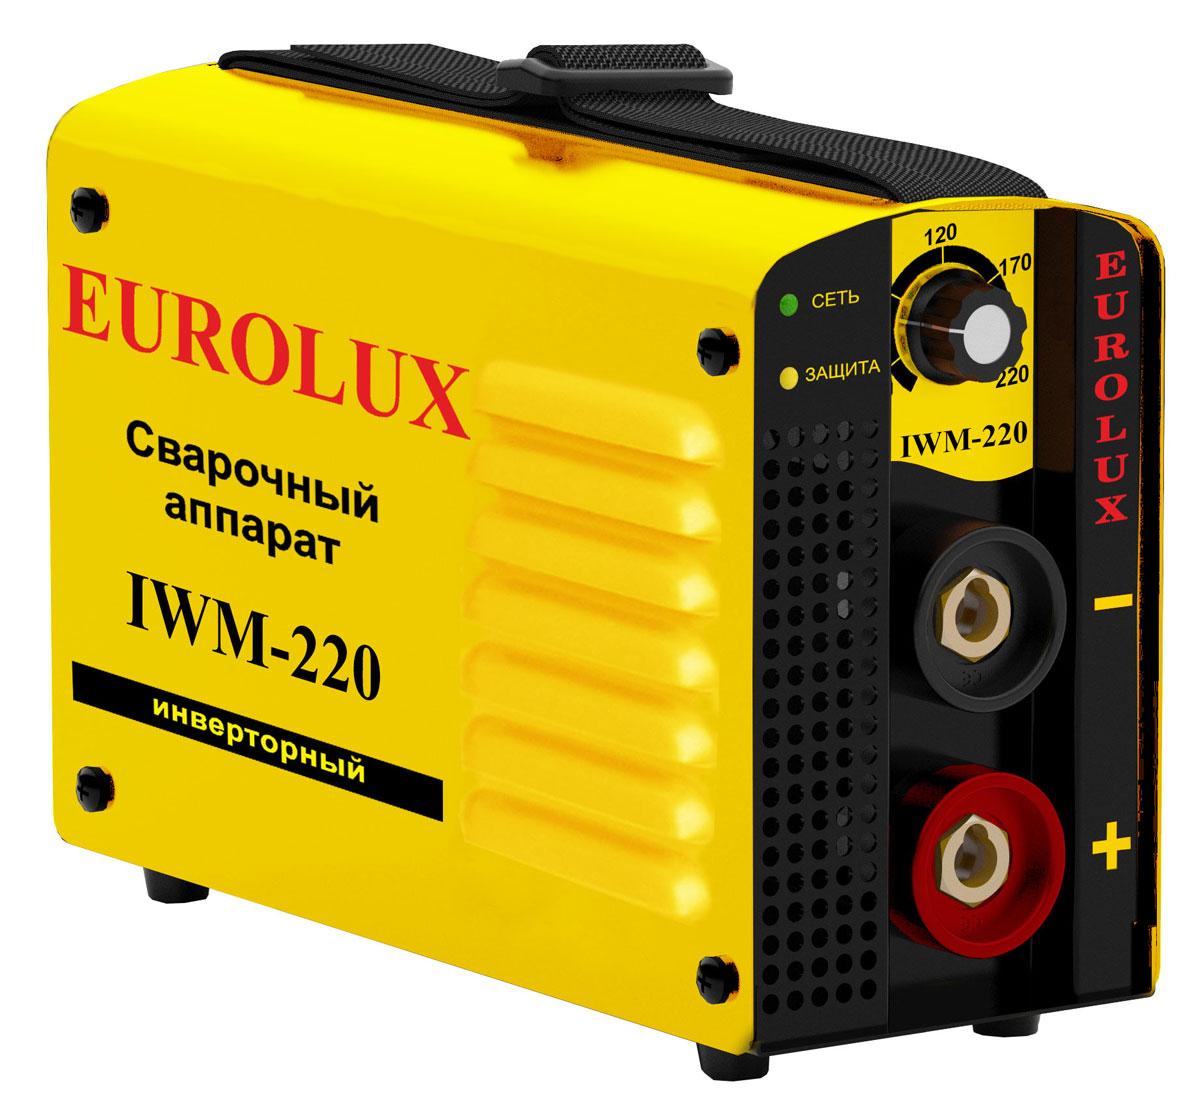 Аппарат сварочный инверторный Eurolux IWM220 цены онлайн